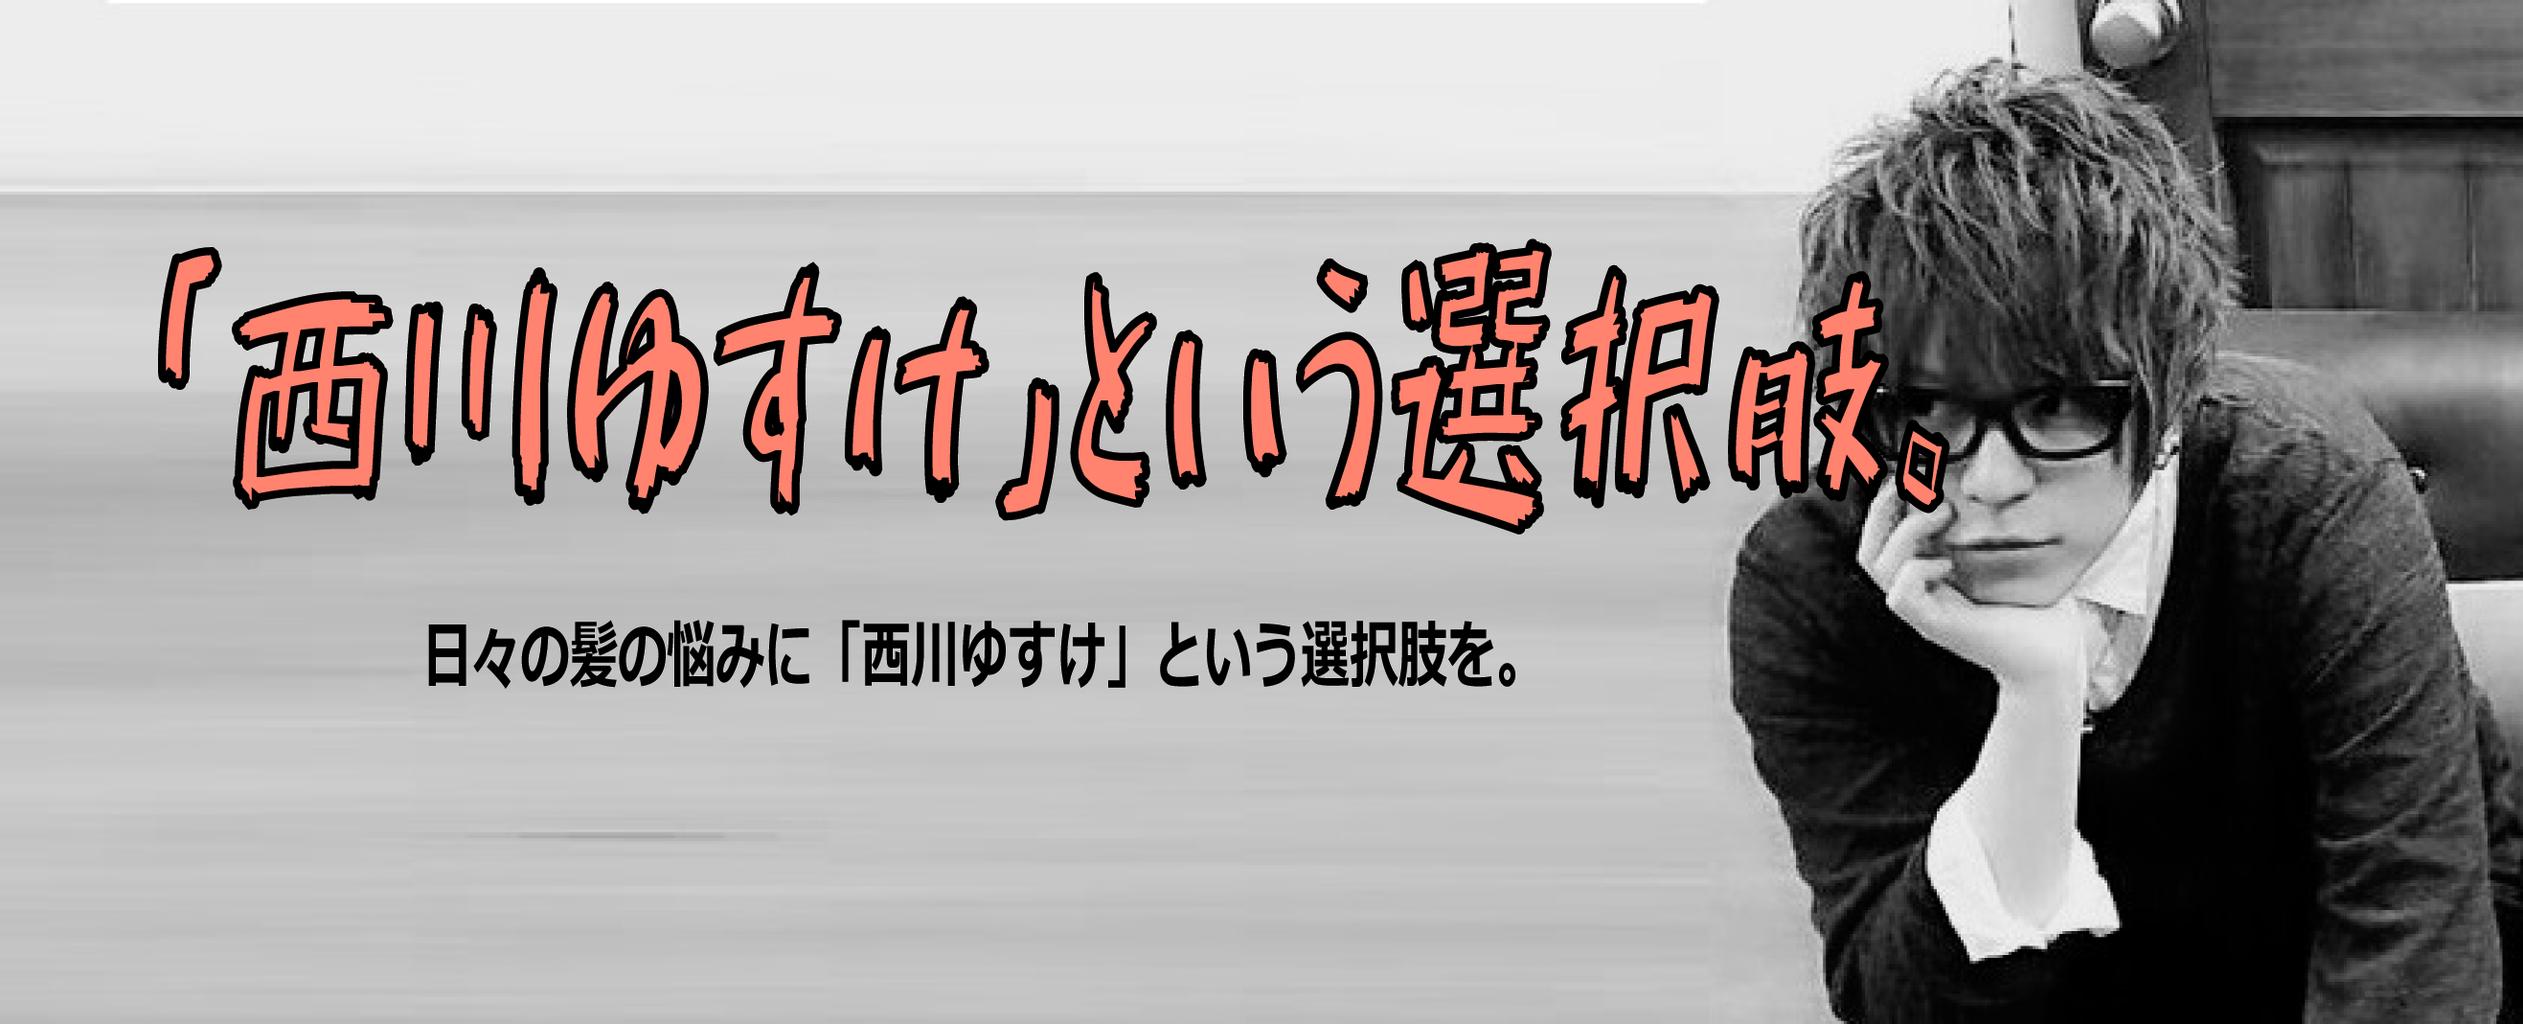 西川ゆすけという選択肢 イメージ画像